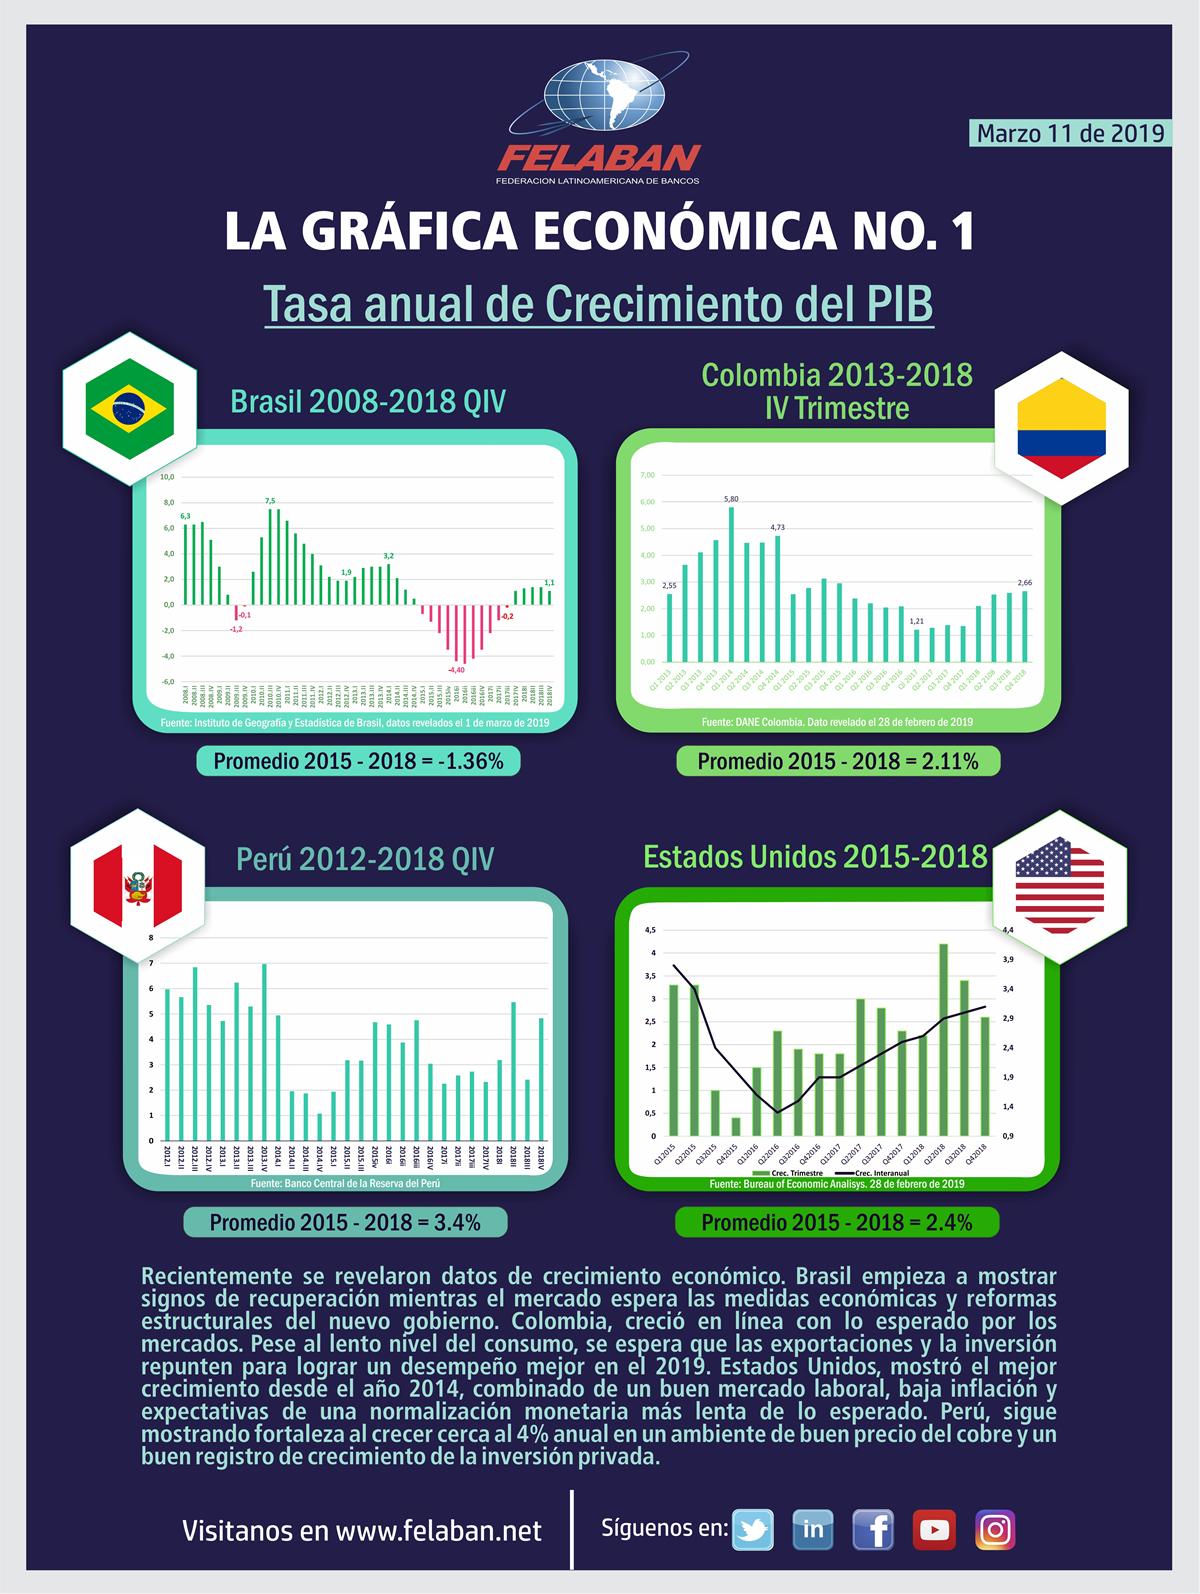 Gráfica Económica Nro 1 - Tasa anual de crecimiento del PIB 2018 (Brasil - Estados Unidos - Colombia - Perú)